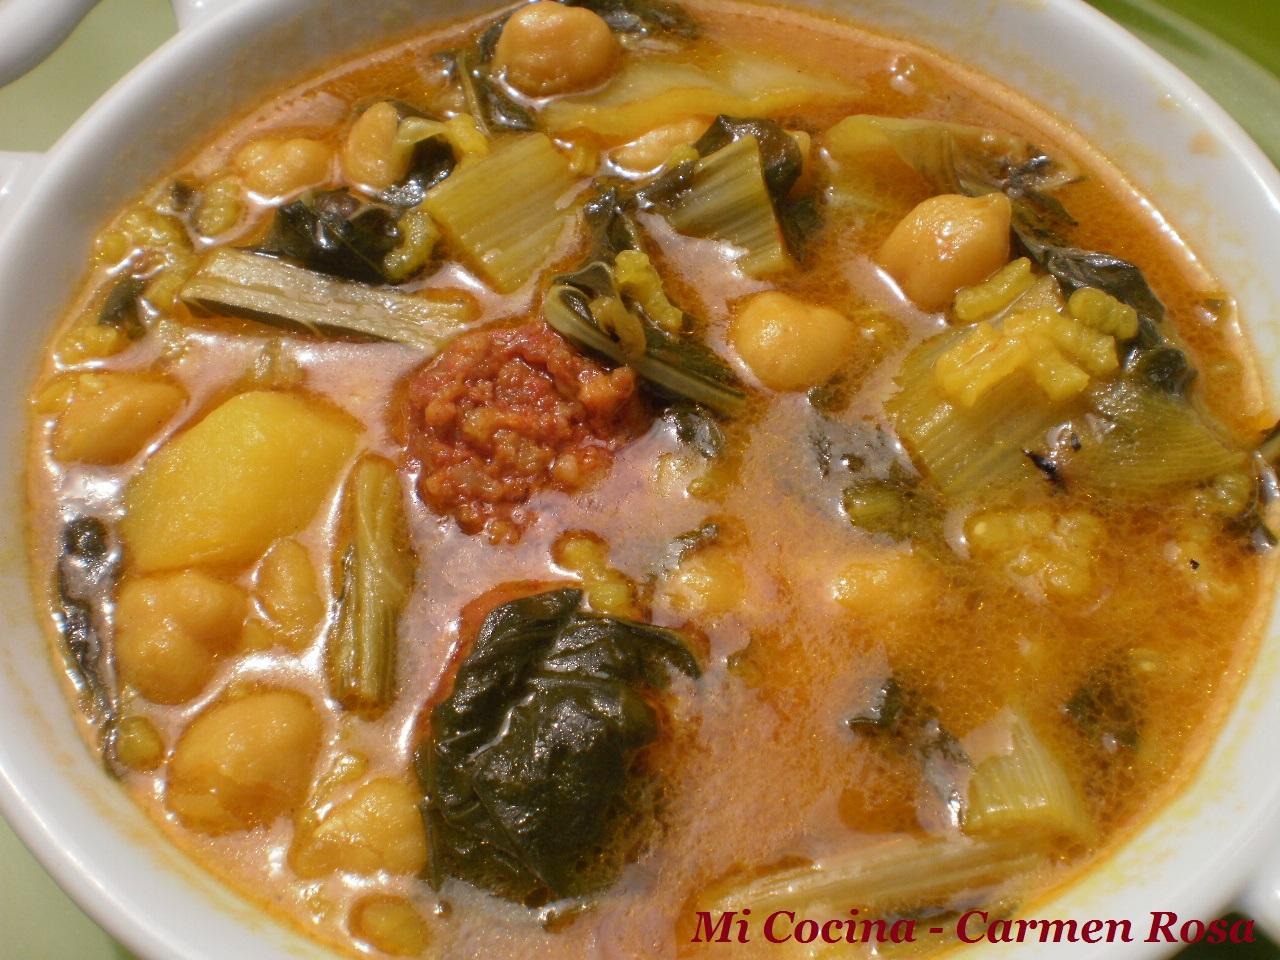 Mi cocina potaje de acelgas con garbanzos y chorizo - Potaje de garbanzos y judias ...